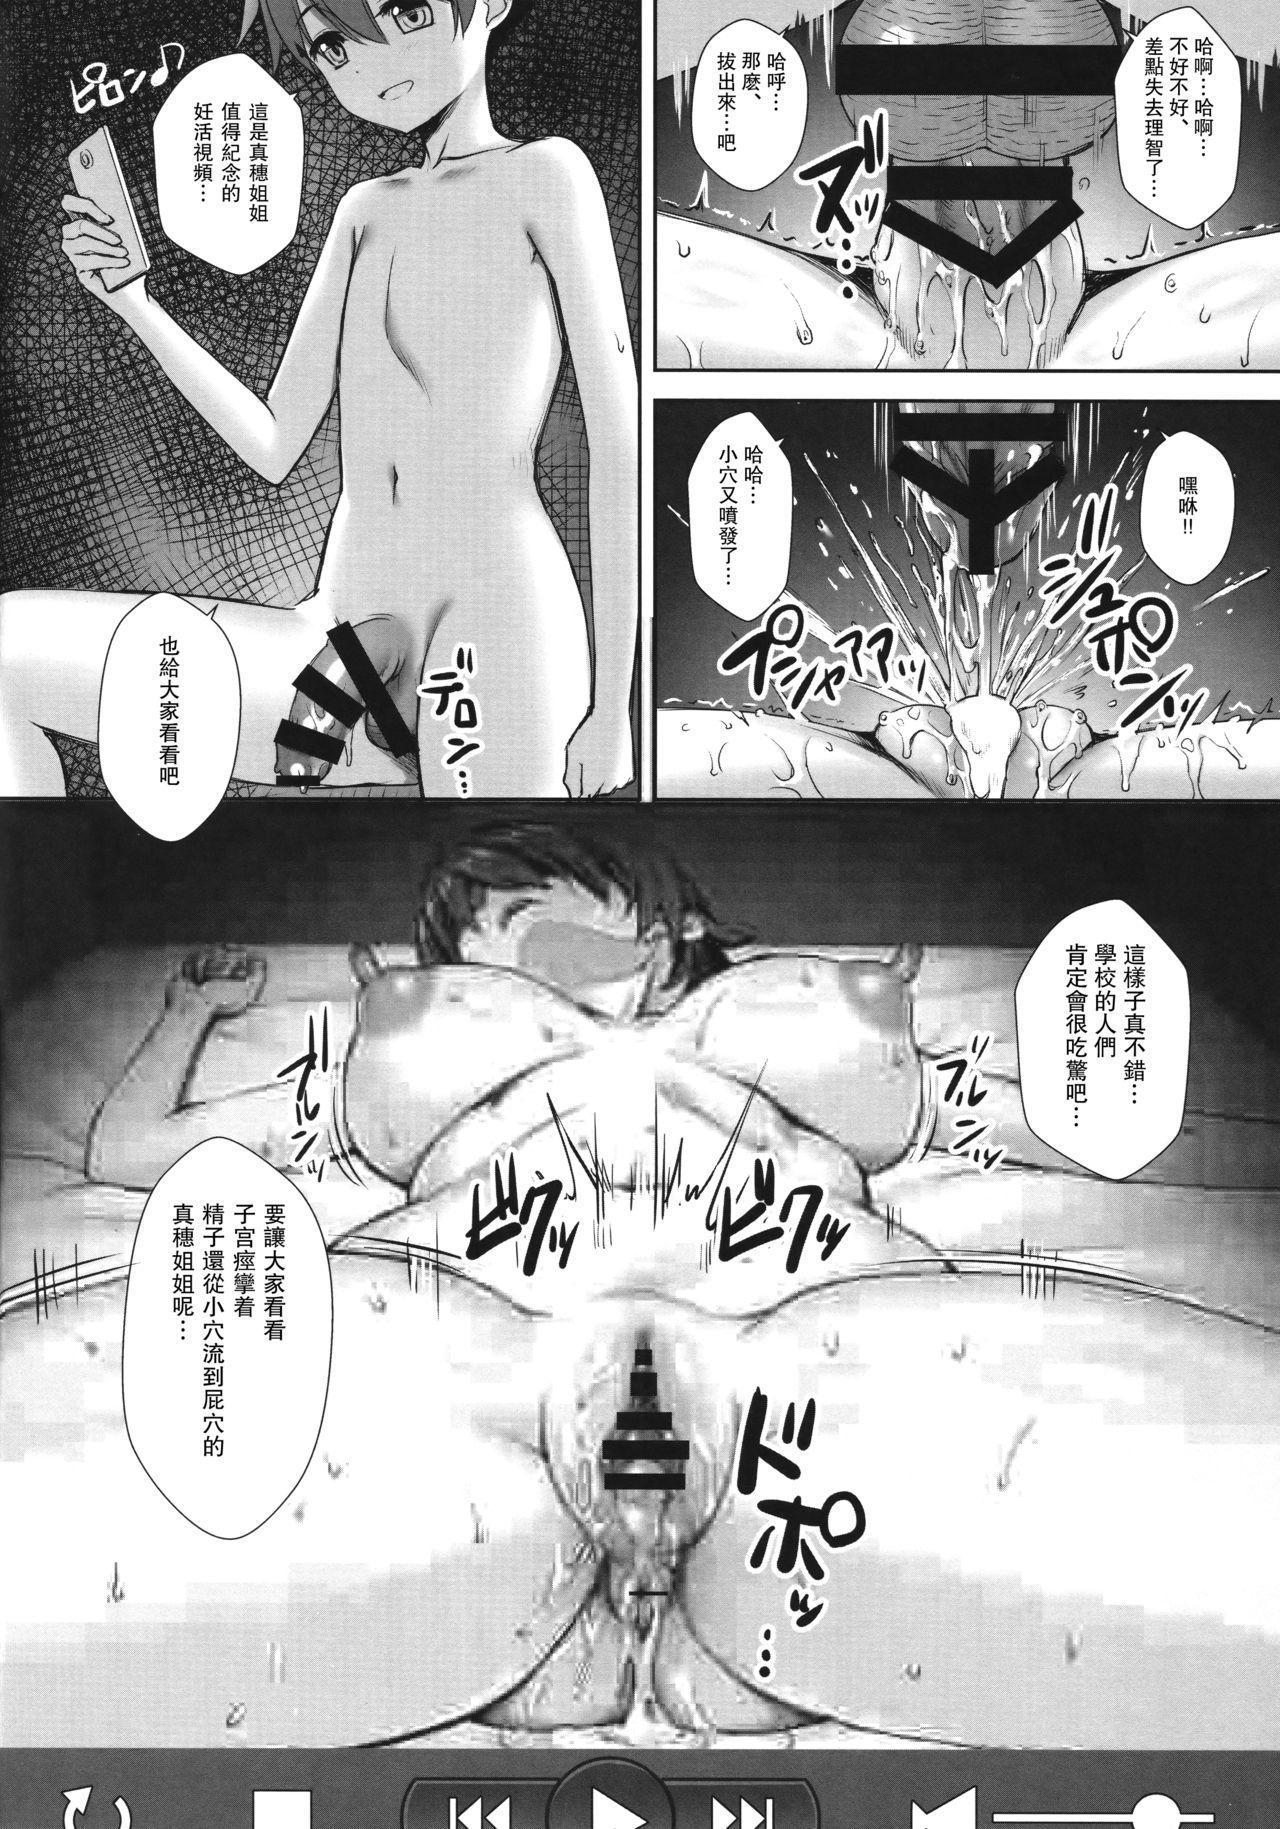 Nishizumi Maho no Suimin Kansatsu 19